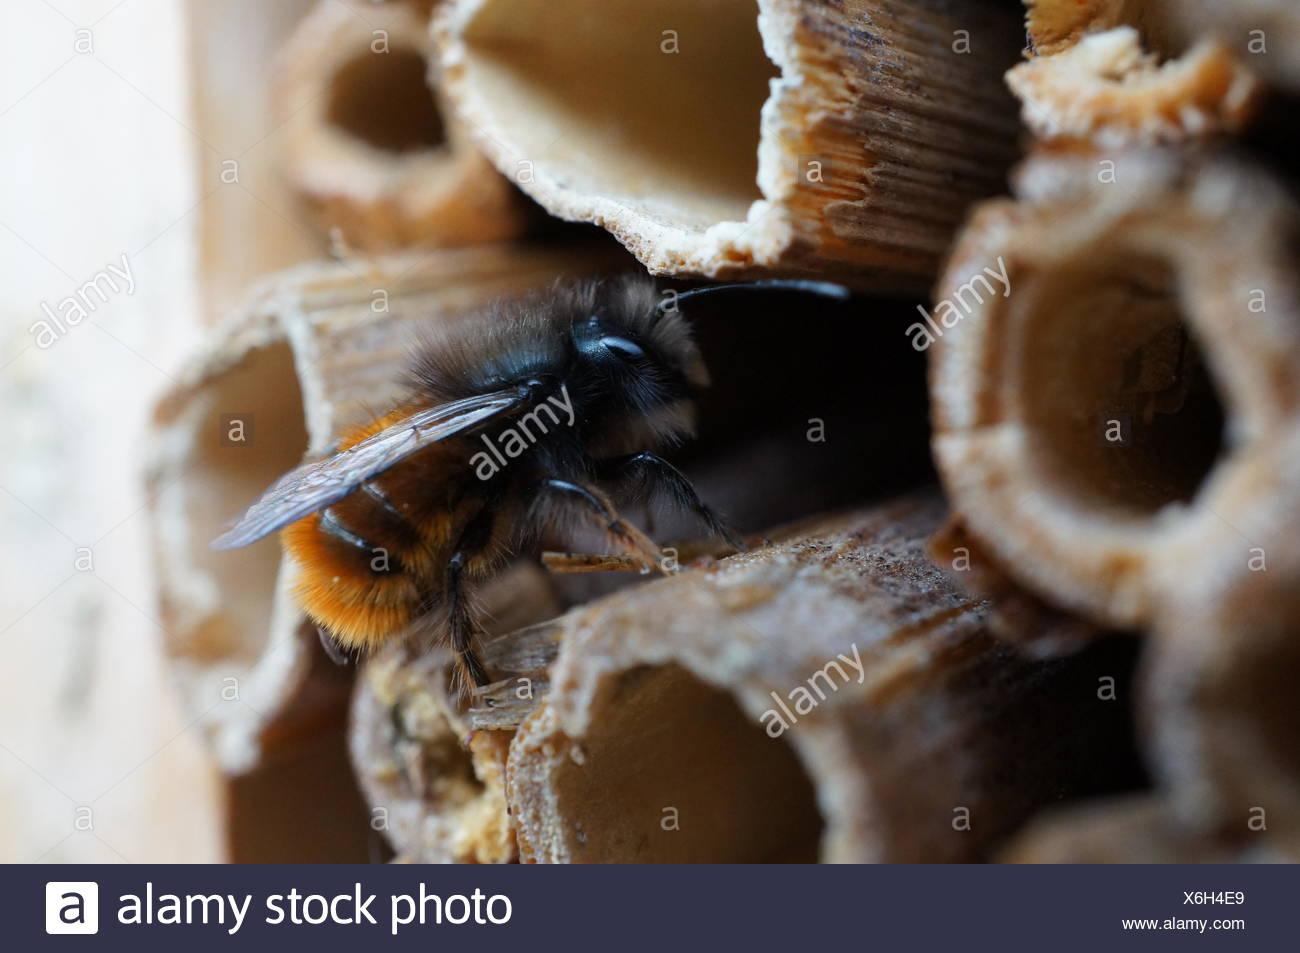 fruhlingsbote wild bee - Stock Image